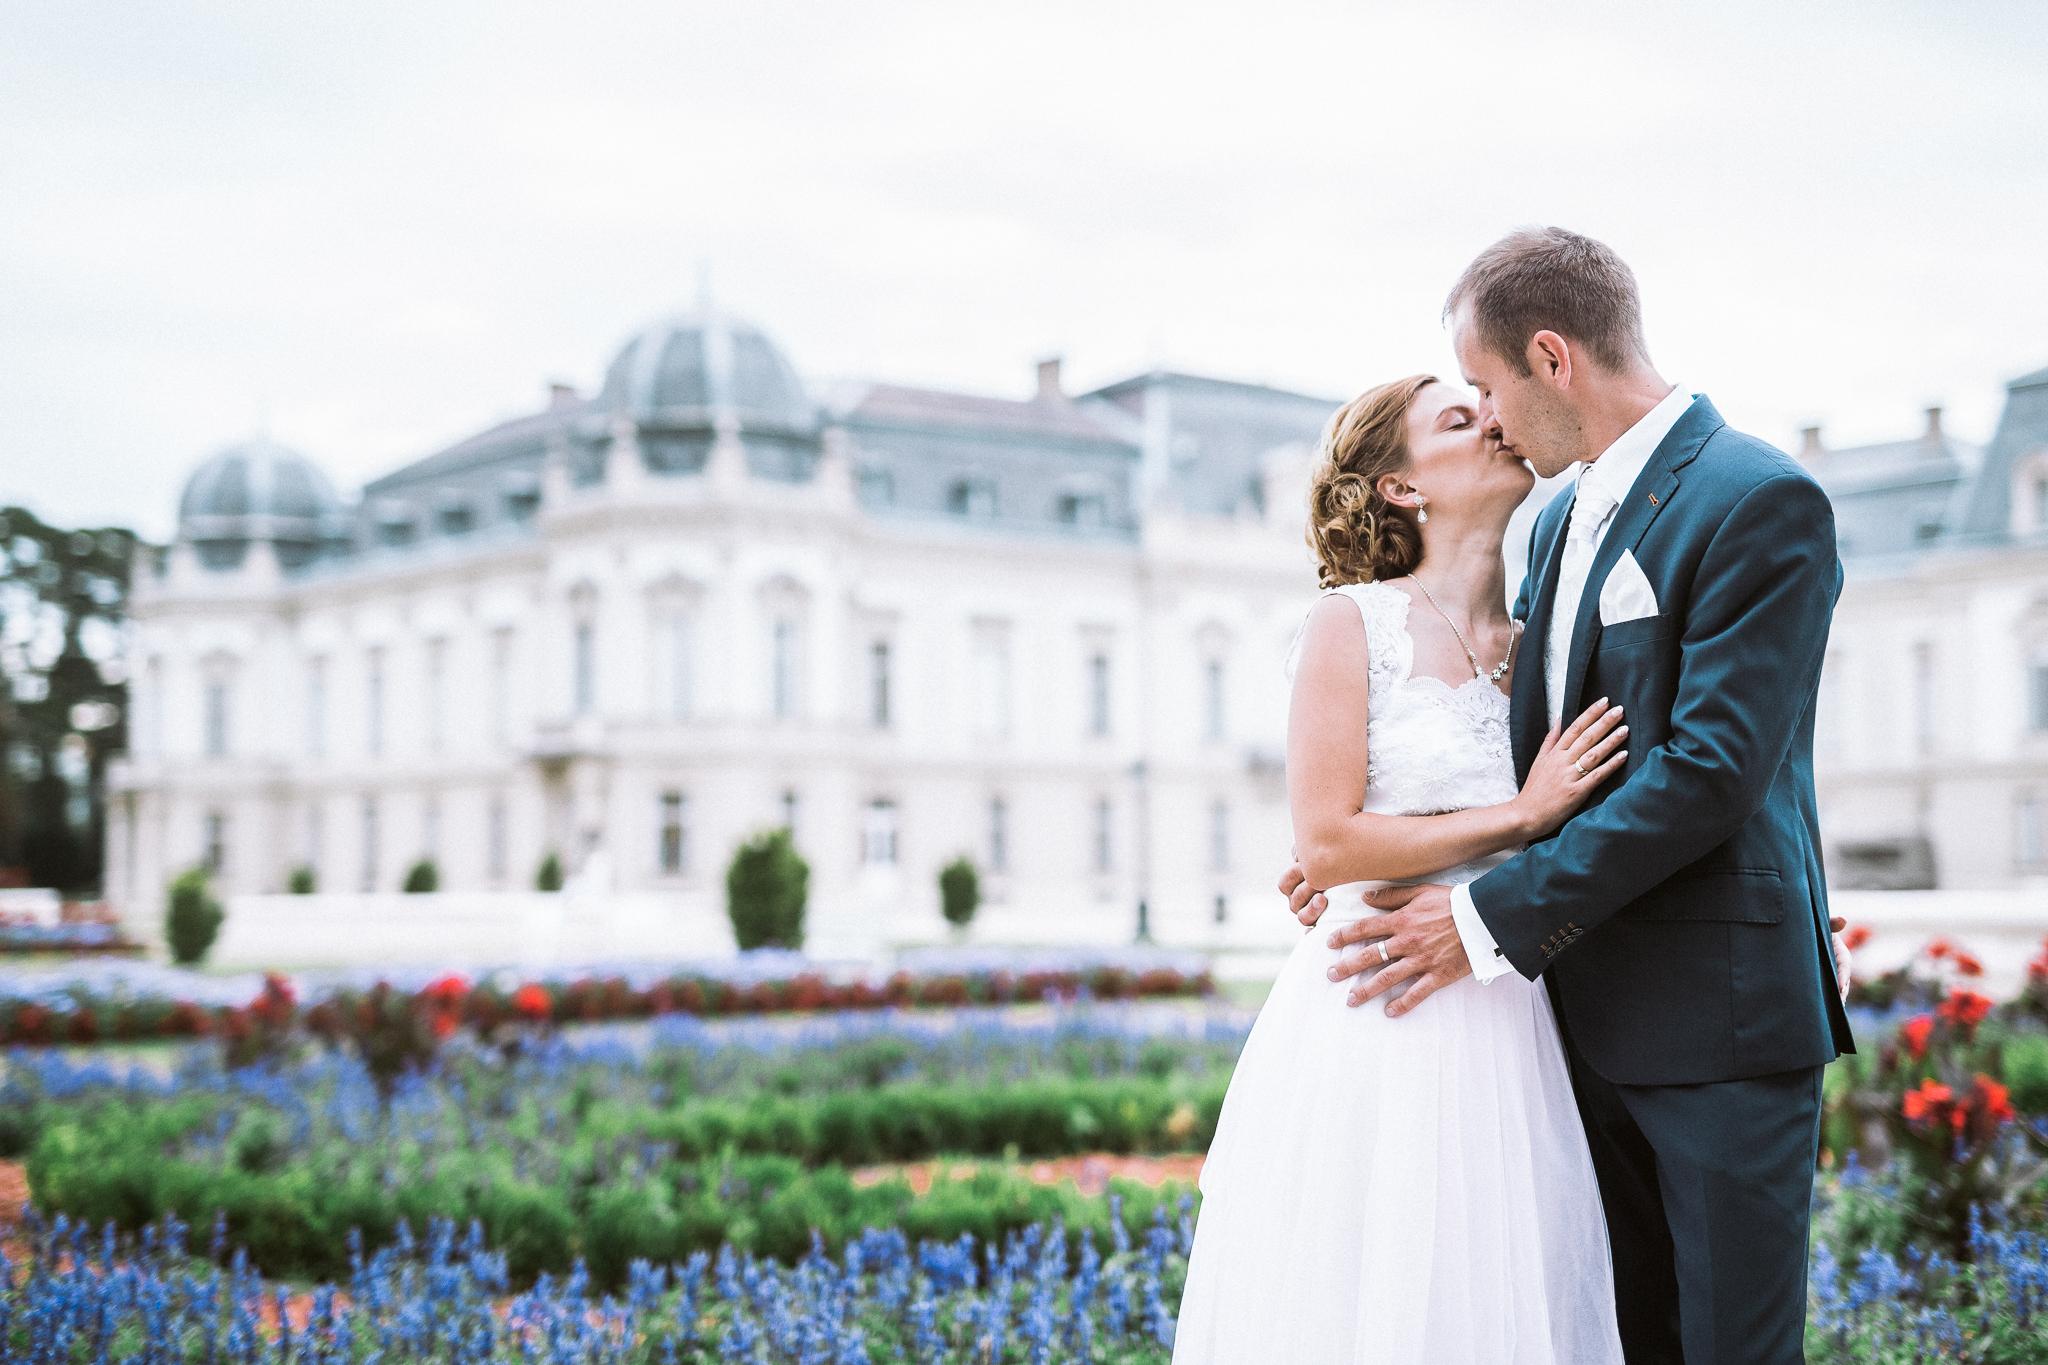 FylepPhoto, esküvőfotós, esküvői fotós Körmend, Szombathely, esküvőfotózás, magyarország, vas megye, prémium, jegyesfotózás, Fülöp Péter, körmend, kreatív, fotográfus_12-2.jpg